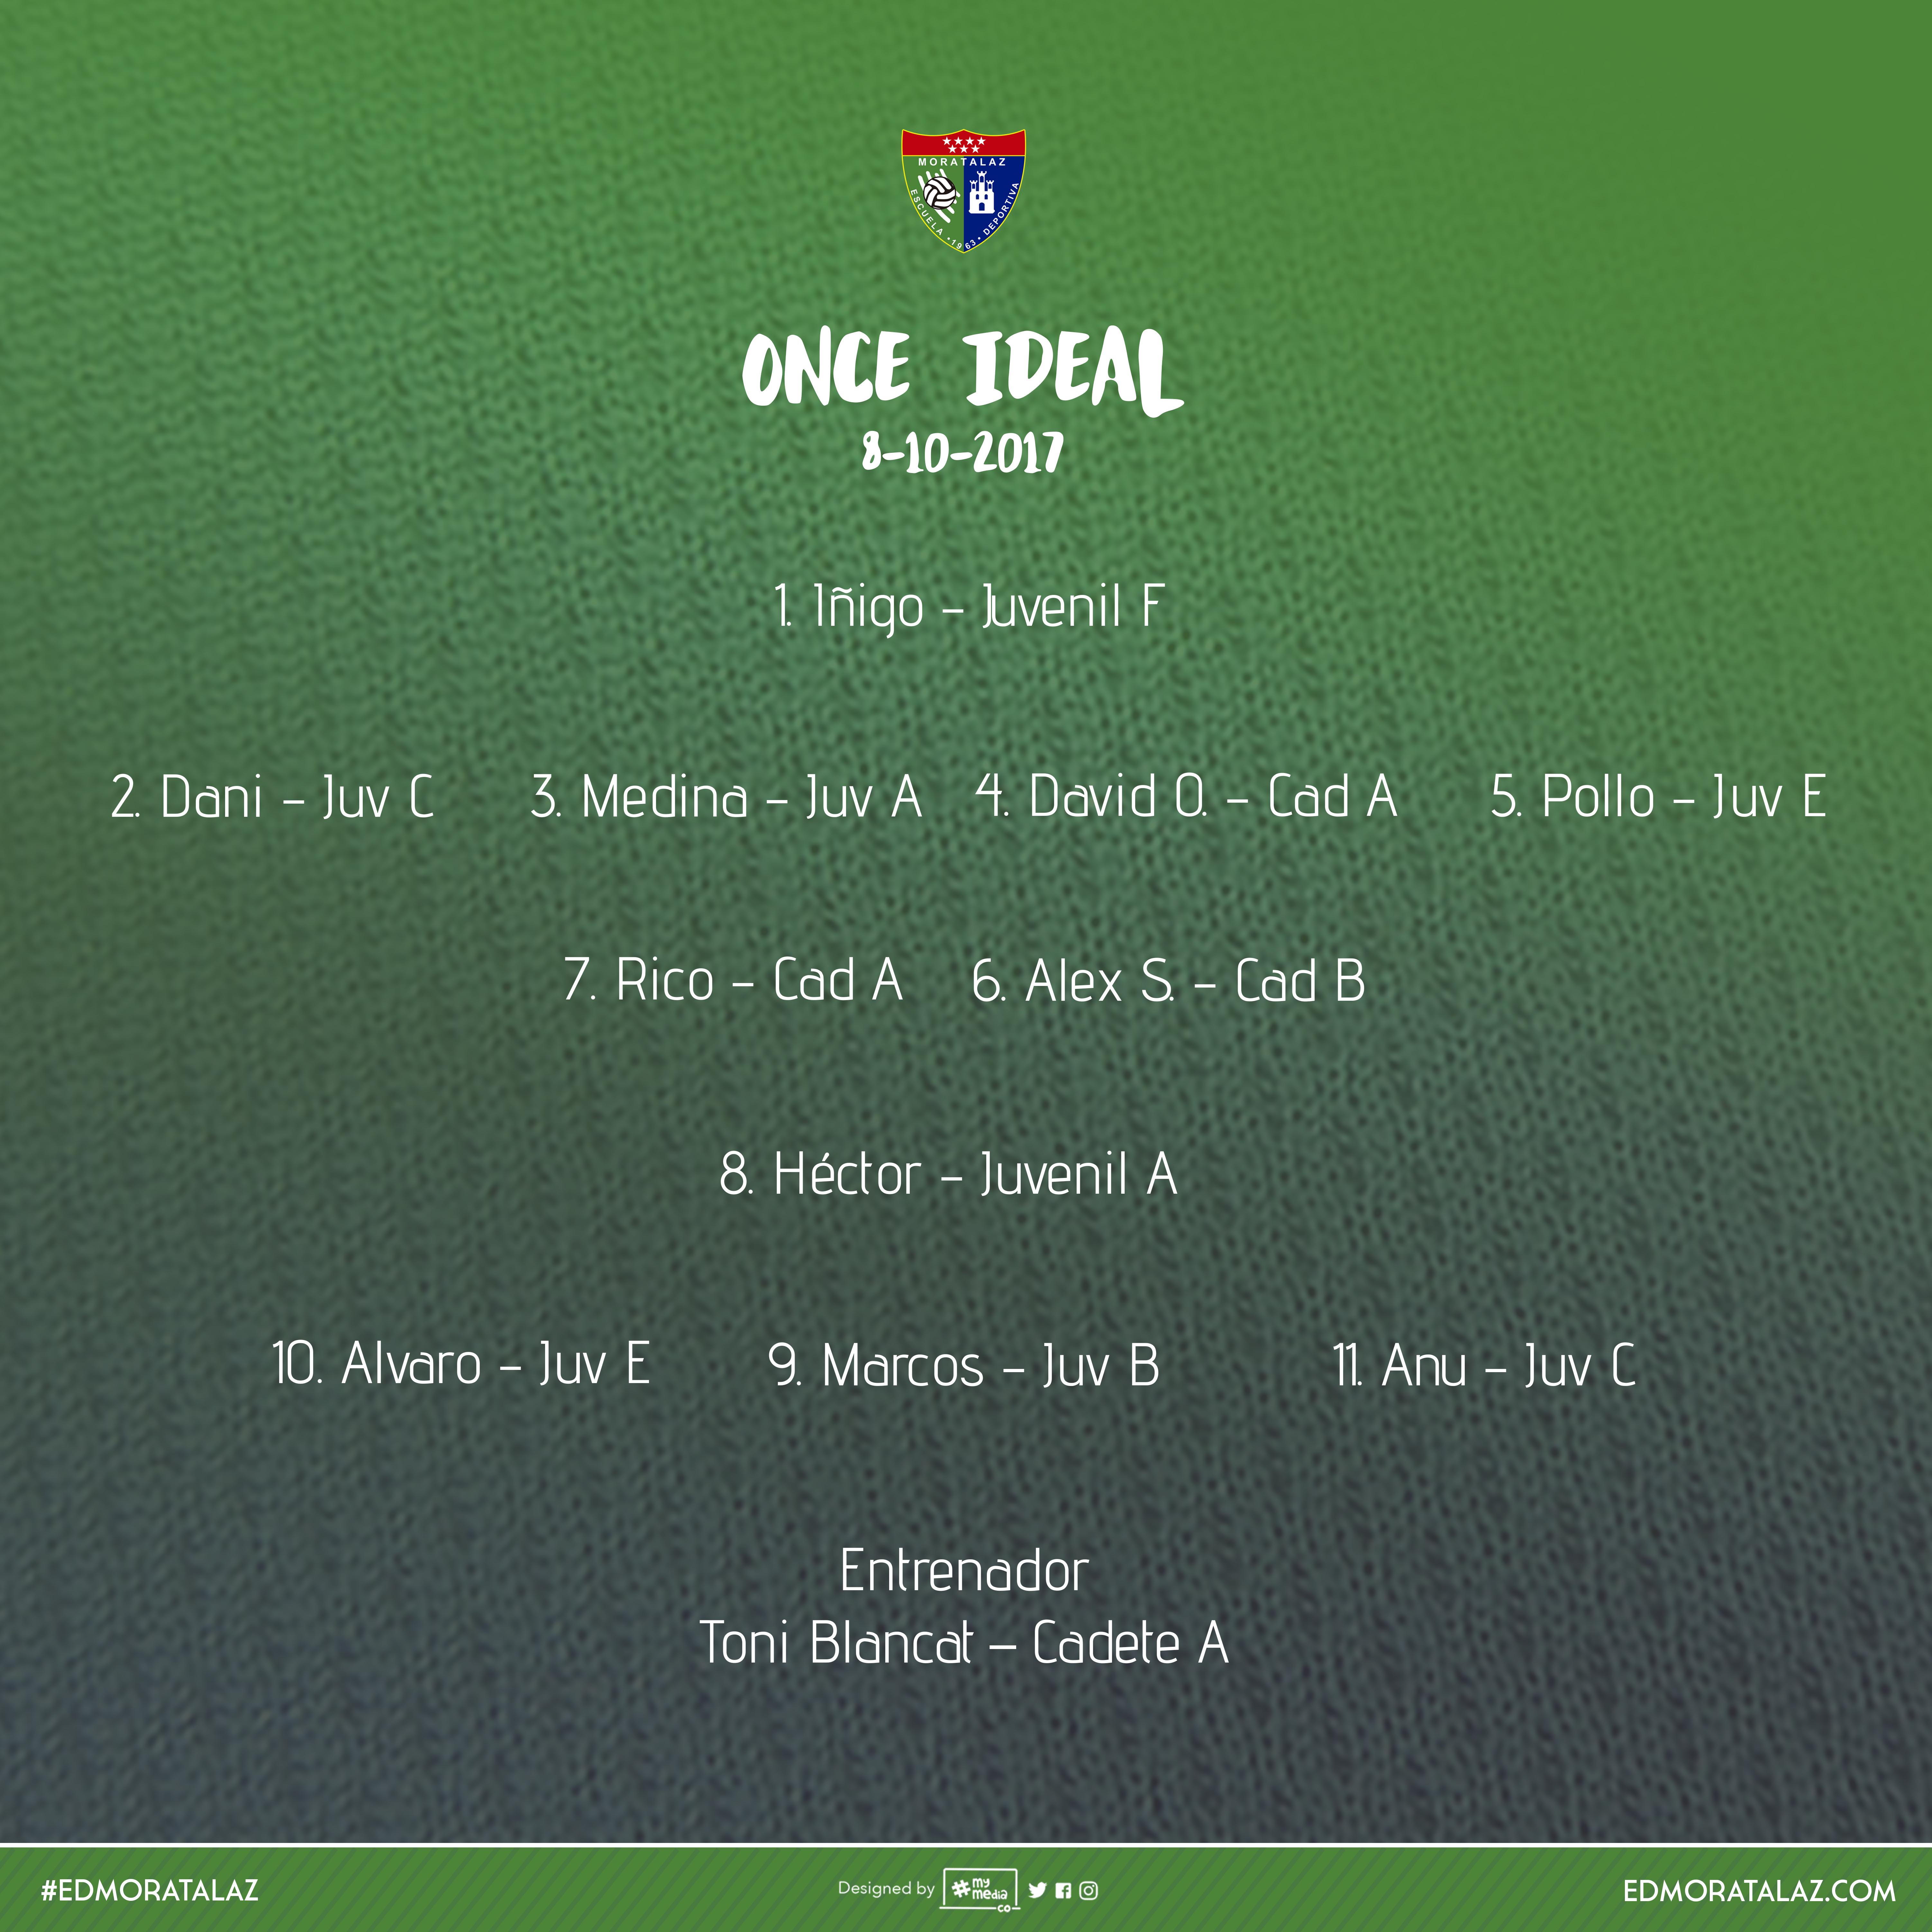 11 Ideal EDM del fin de semana 7-8 octubre, Temporada 2017/18